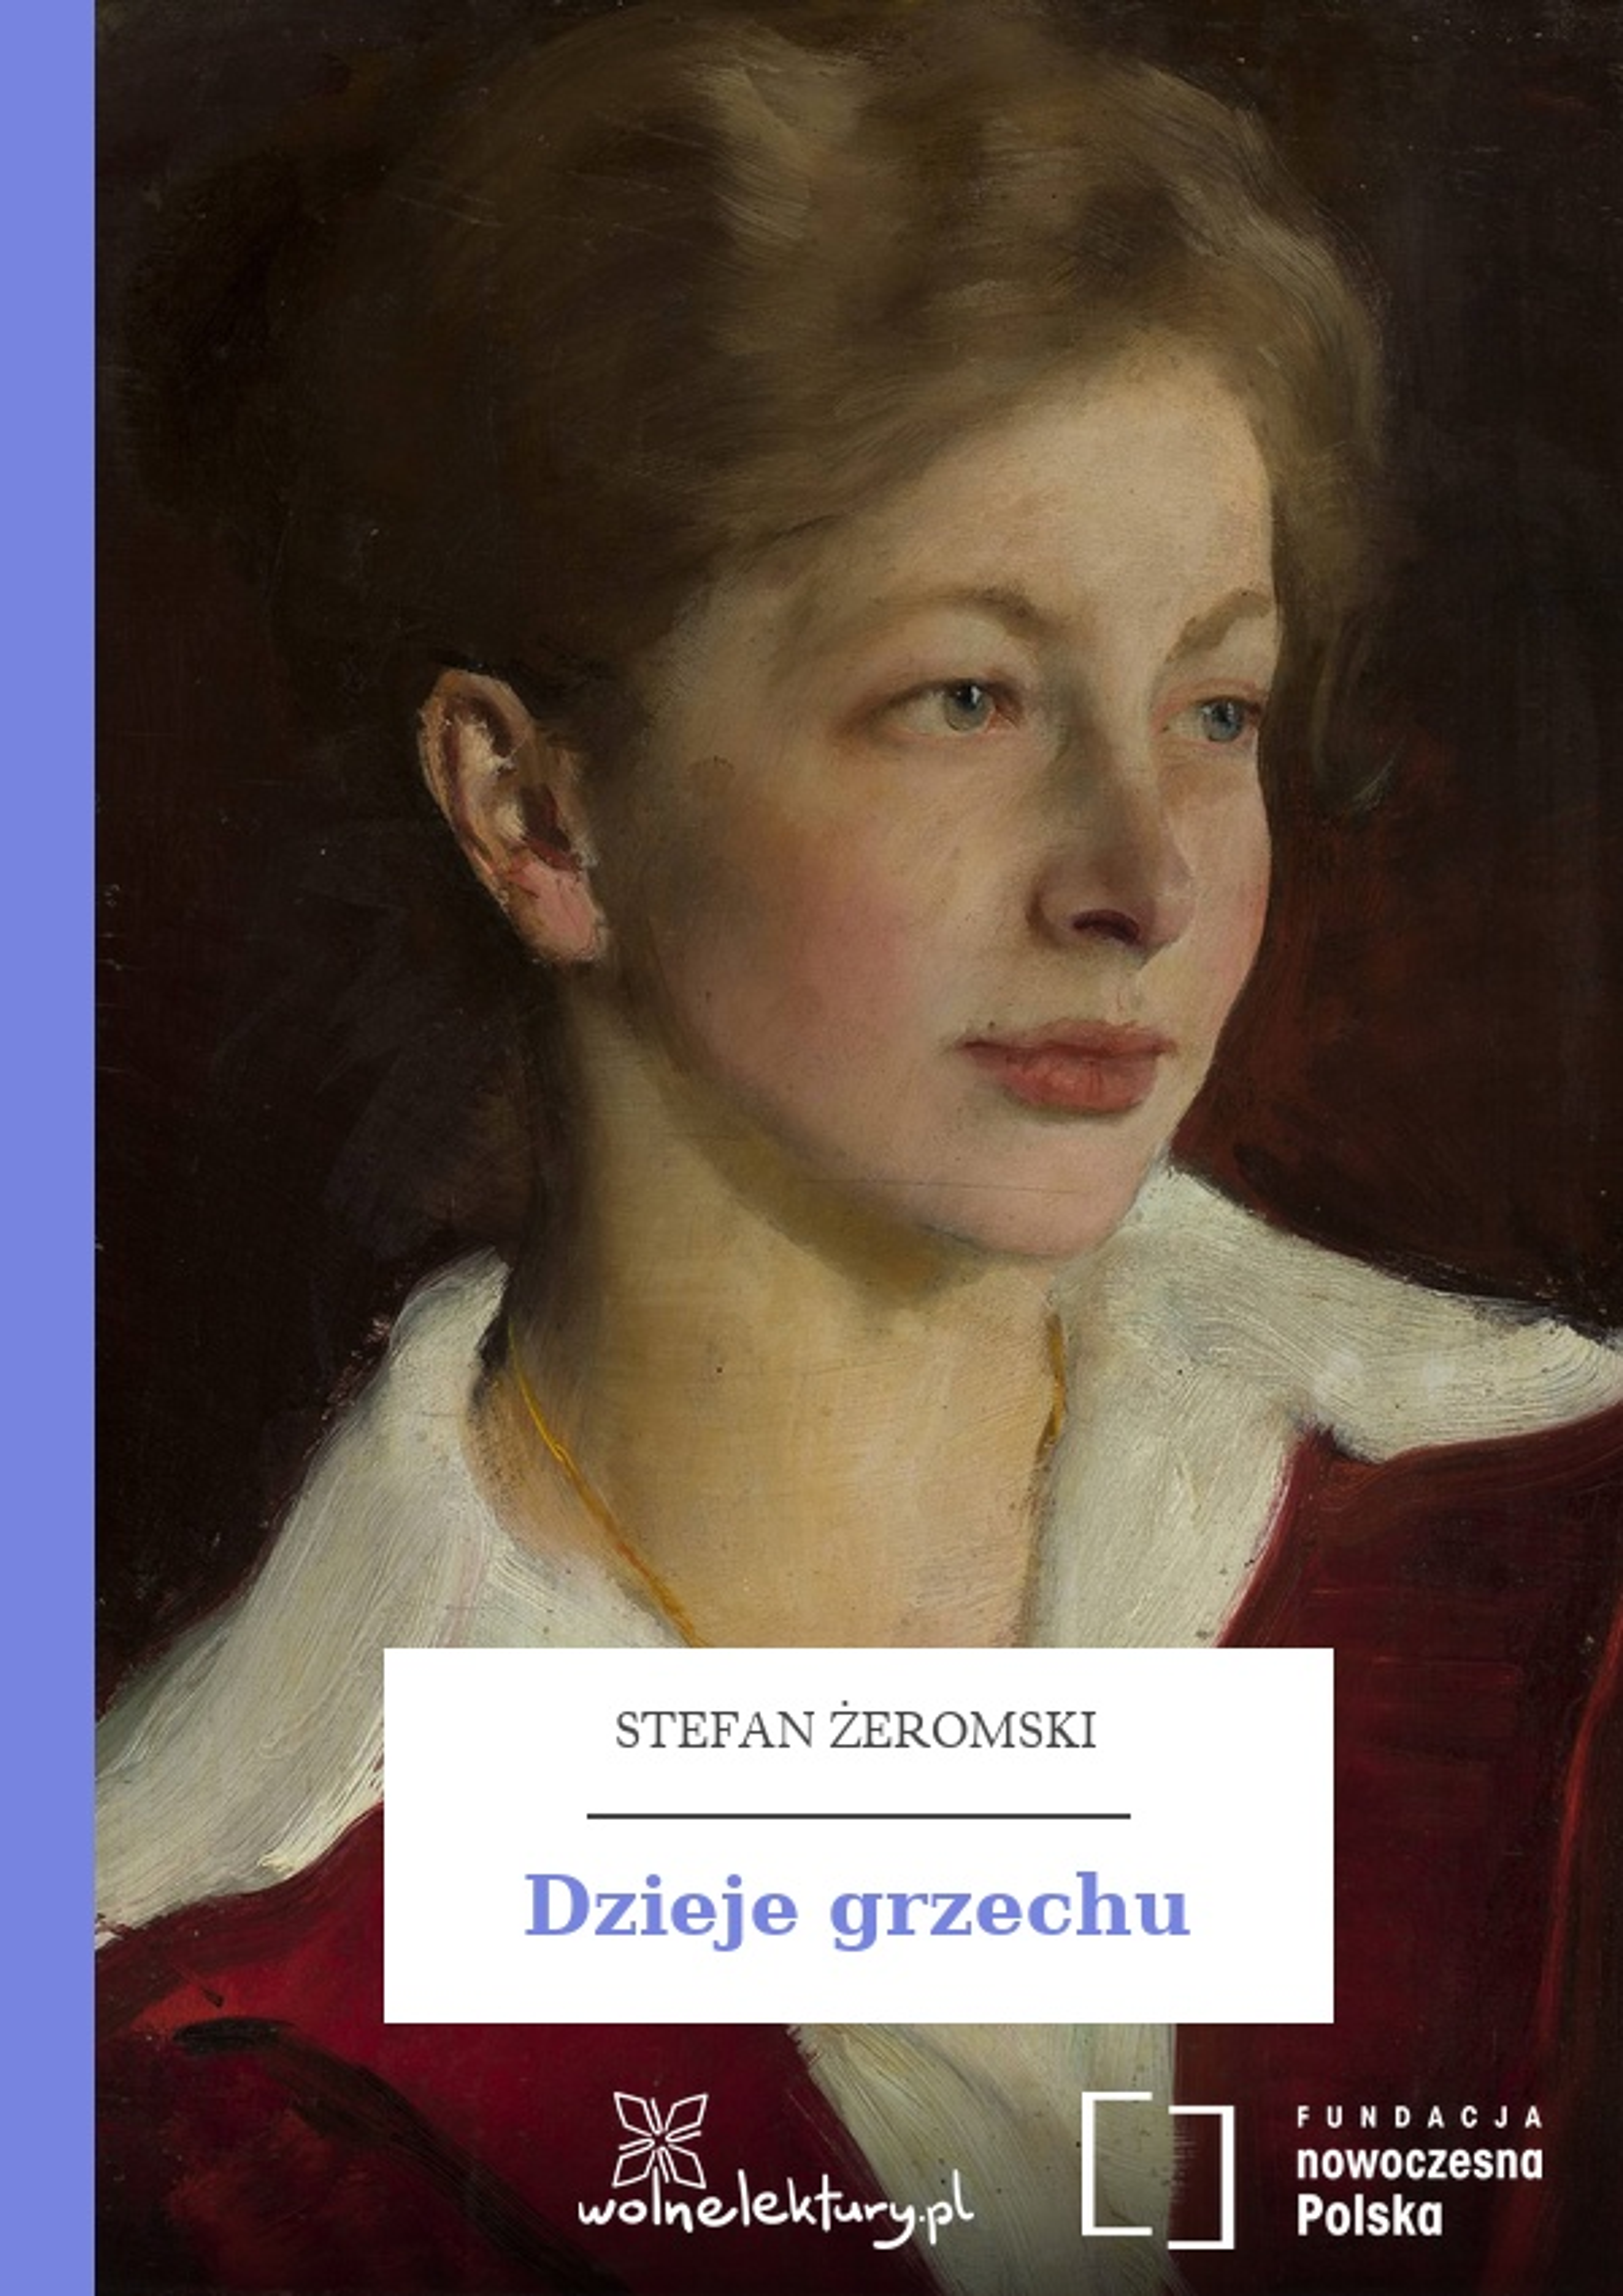 a4c9304f8809f Stefan Żeromski, Dzieje grzechu :: Wolne Lektury